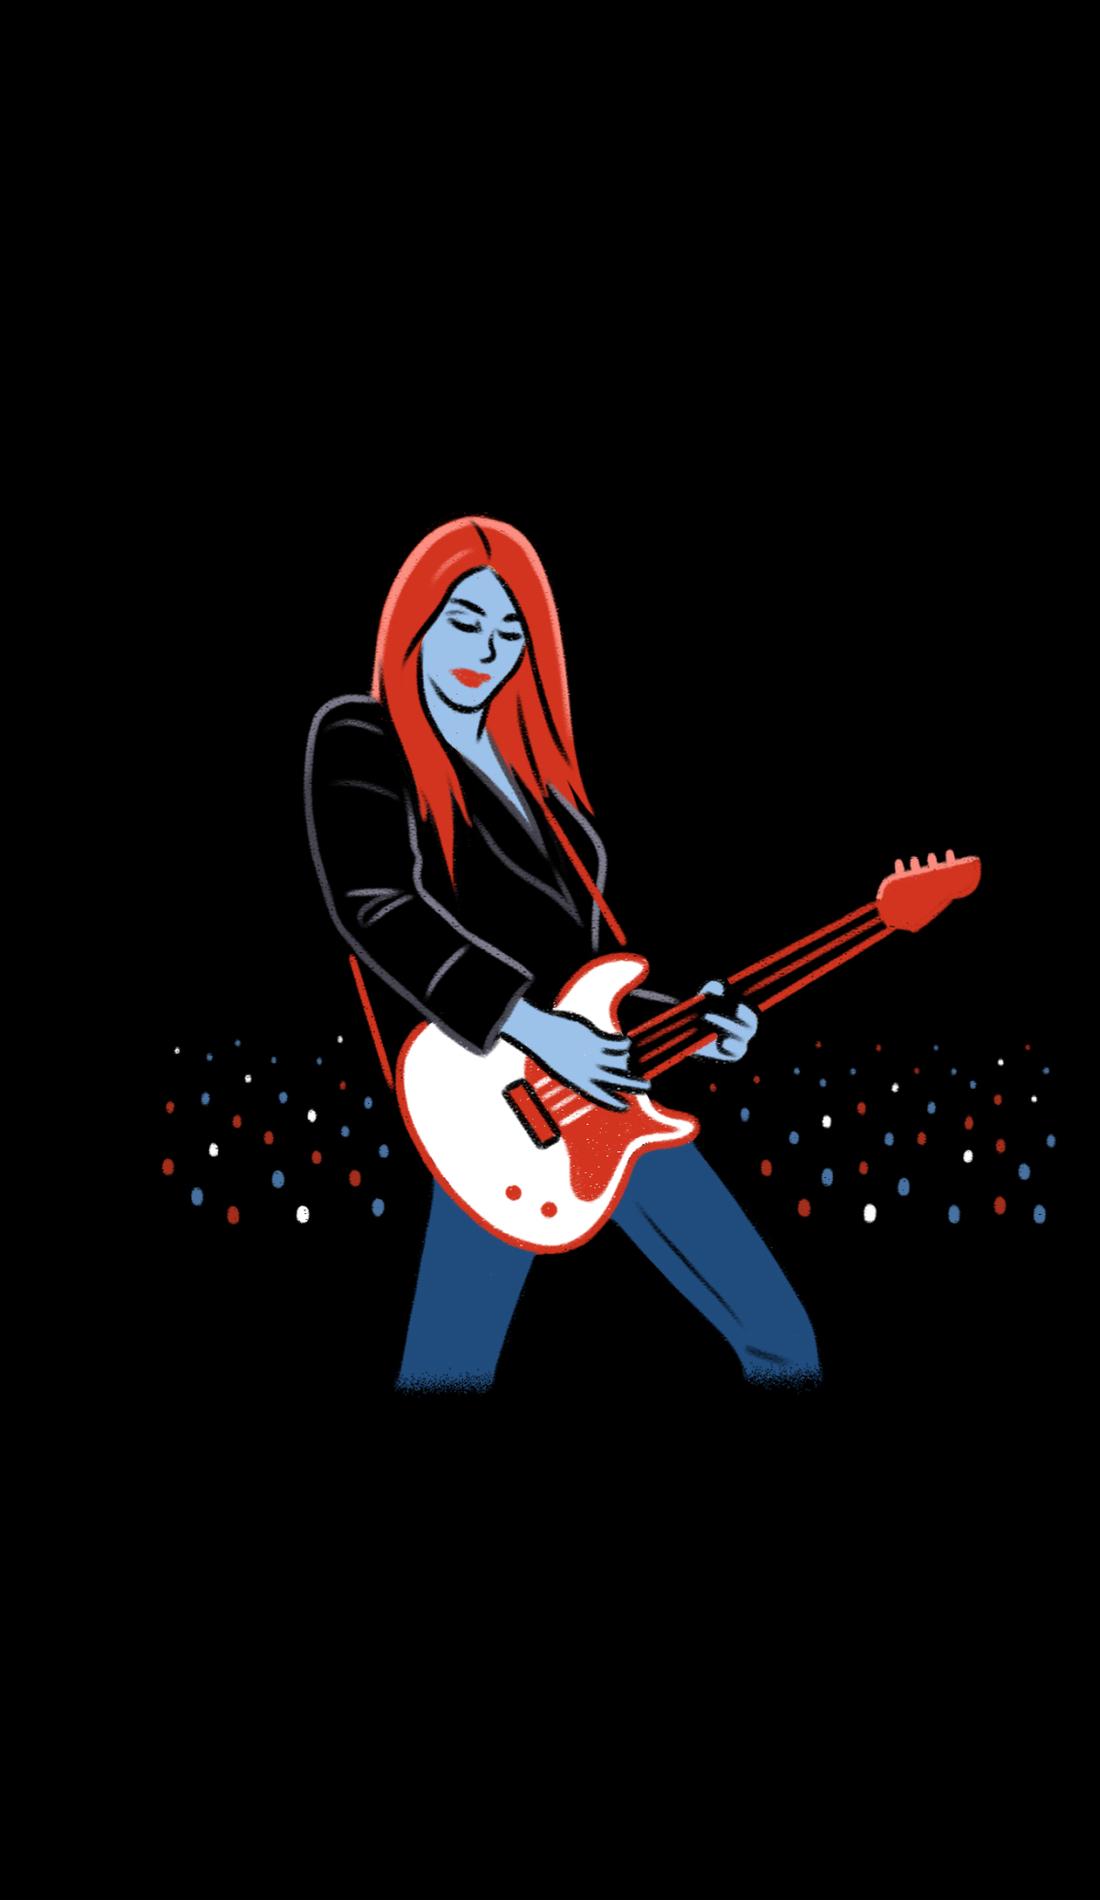 A Crush Club live event